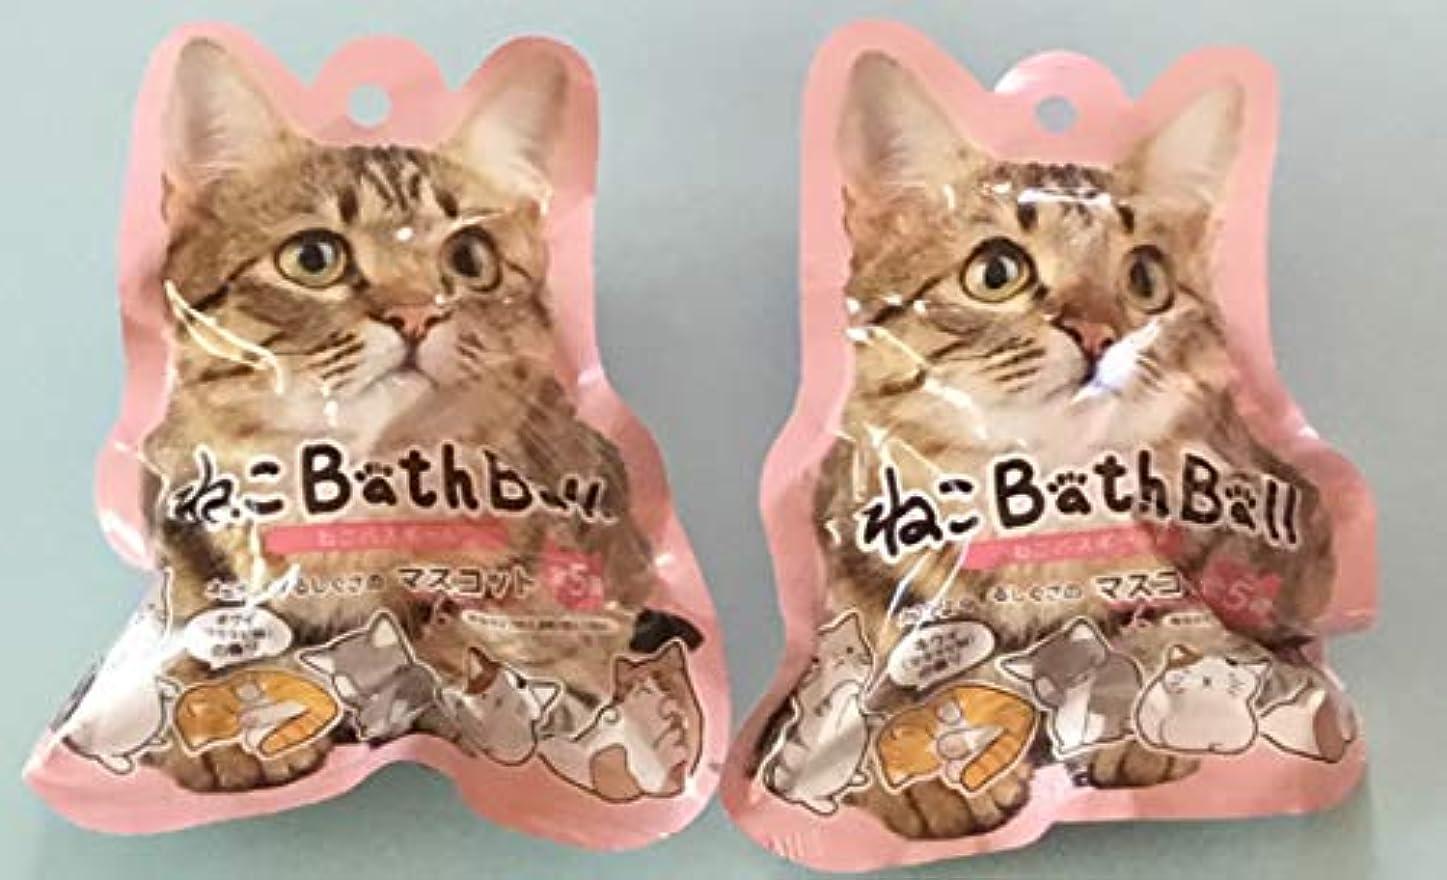 カポック残り原告入浴剤 猫 ねこ ネコ フィギュア入り バスボール 2個セット キウイ 発泡タイプ